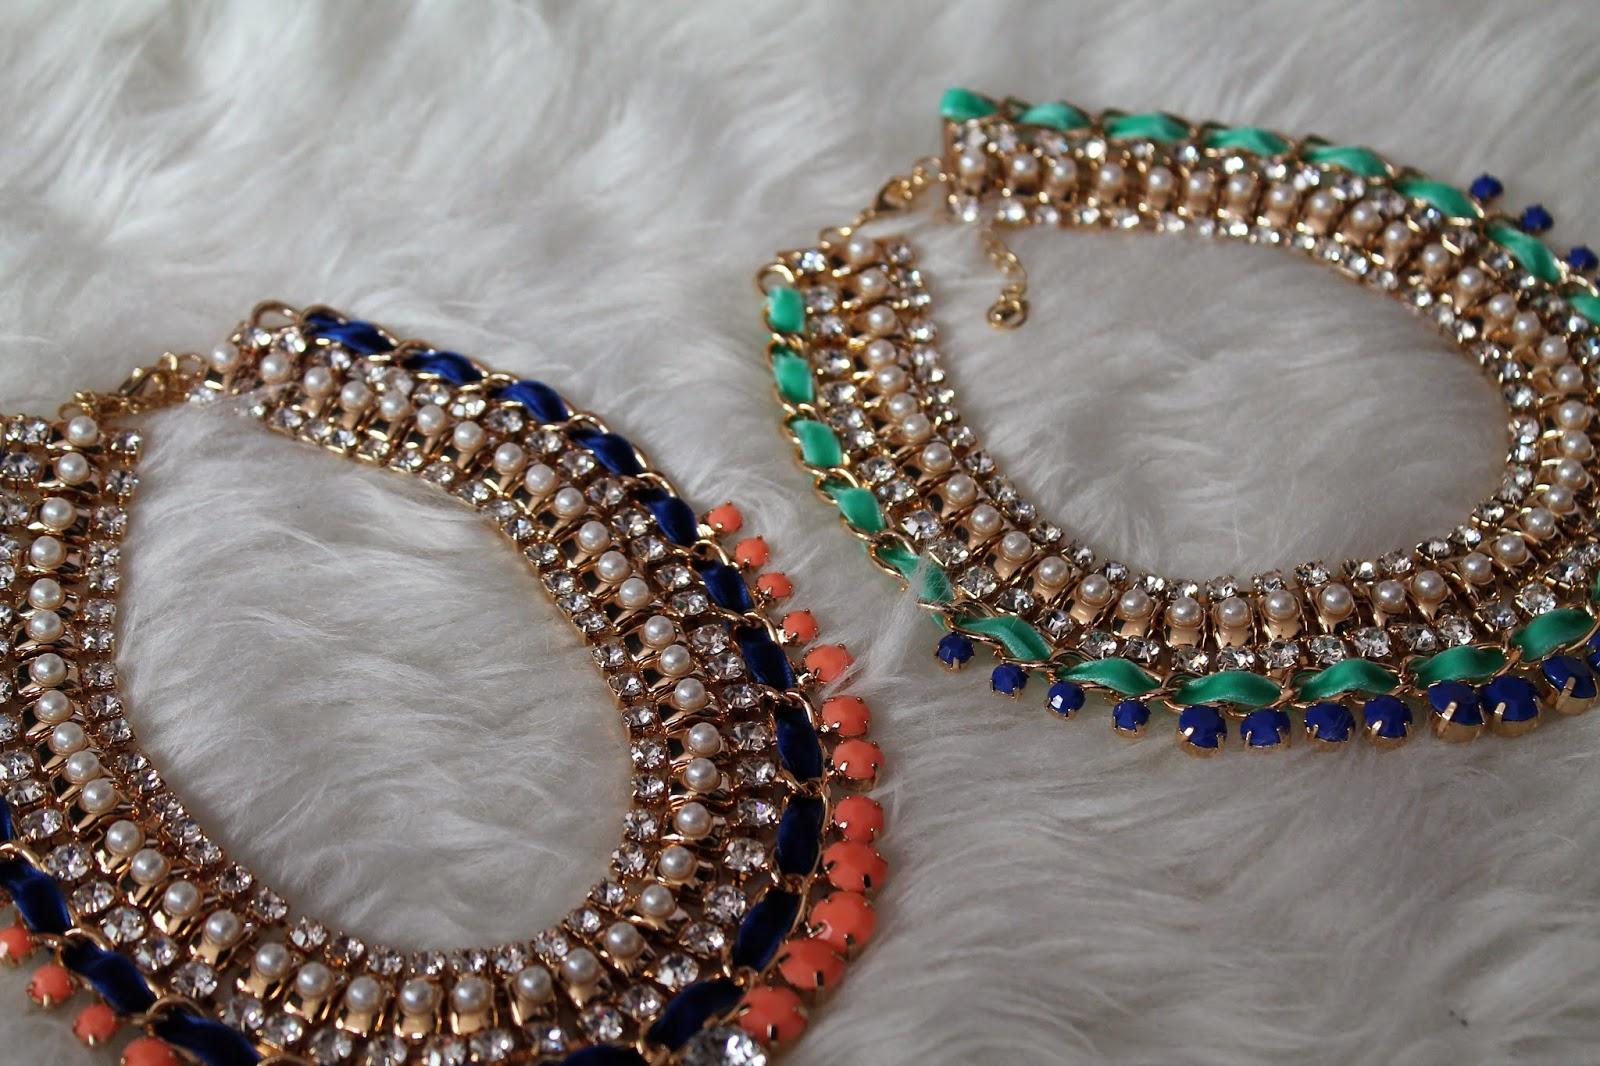 Spring Essentials Frühling Blogger Fashionblogger Österreich Austria Kärnten Carinthia Klagenfrut Wien Vienna Statement Necklaces Pastell Accessoires